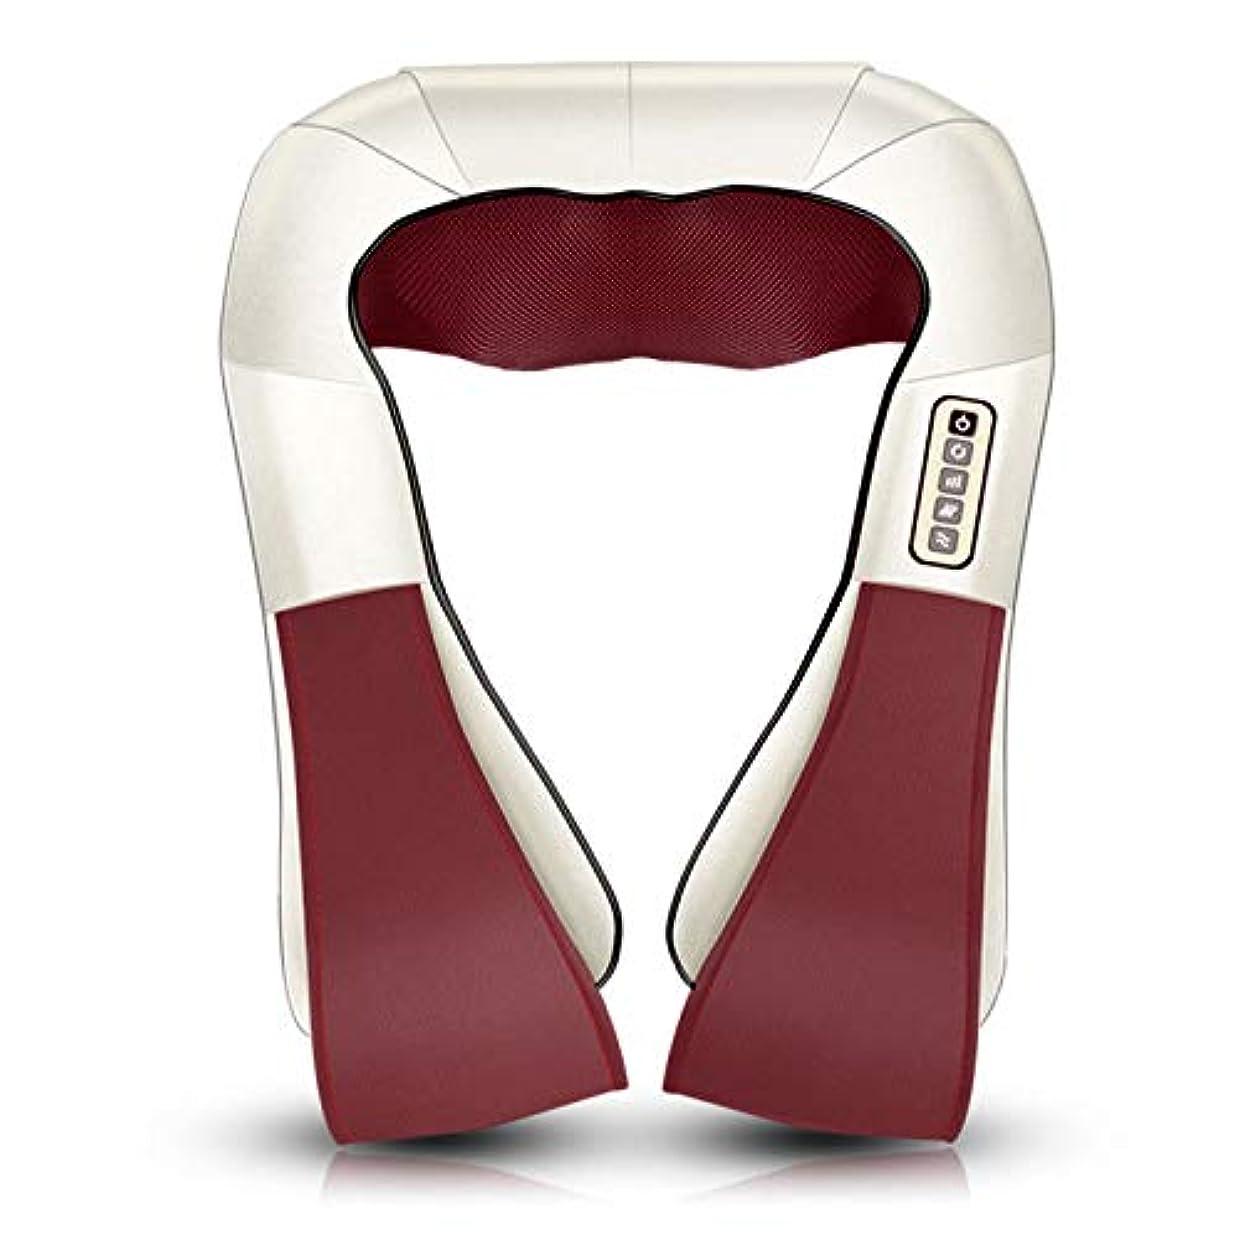 周辺推進学期ディープニーディング、ディープティッシュ3Dニーディングピロー、首と肩の指圧背中と首のマッサージャーで筋肉痛を和らげます